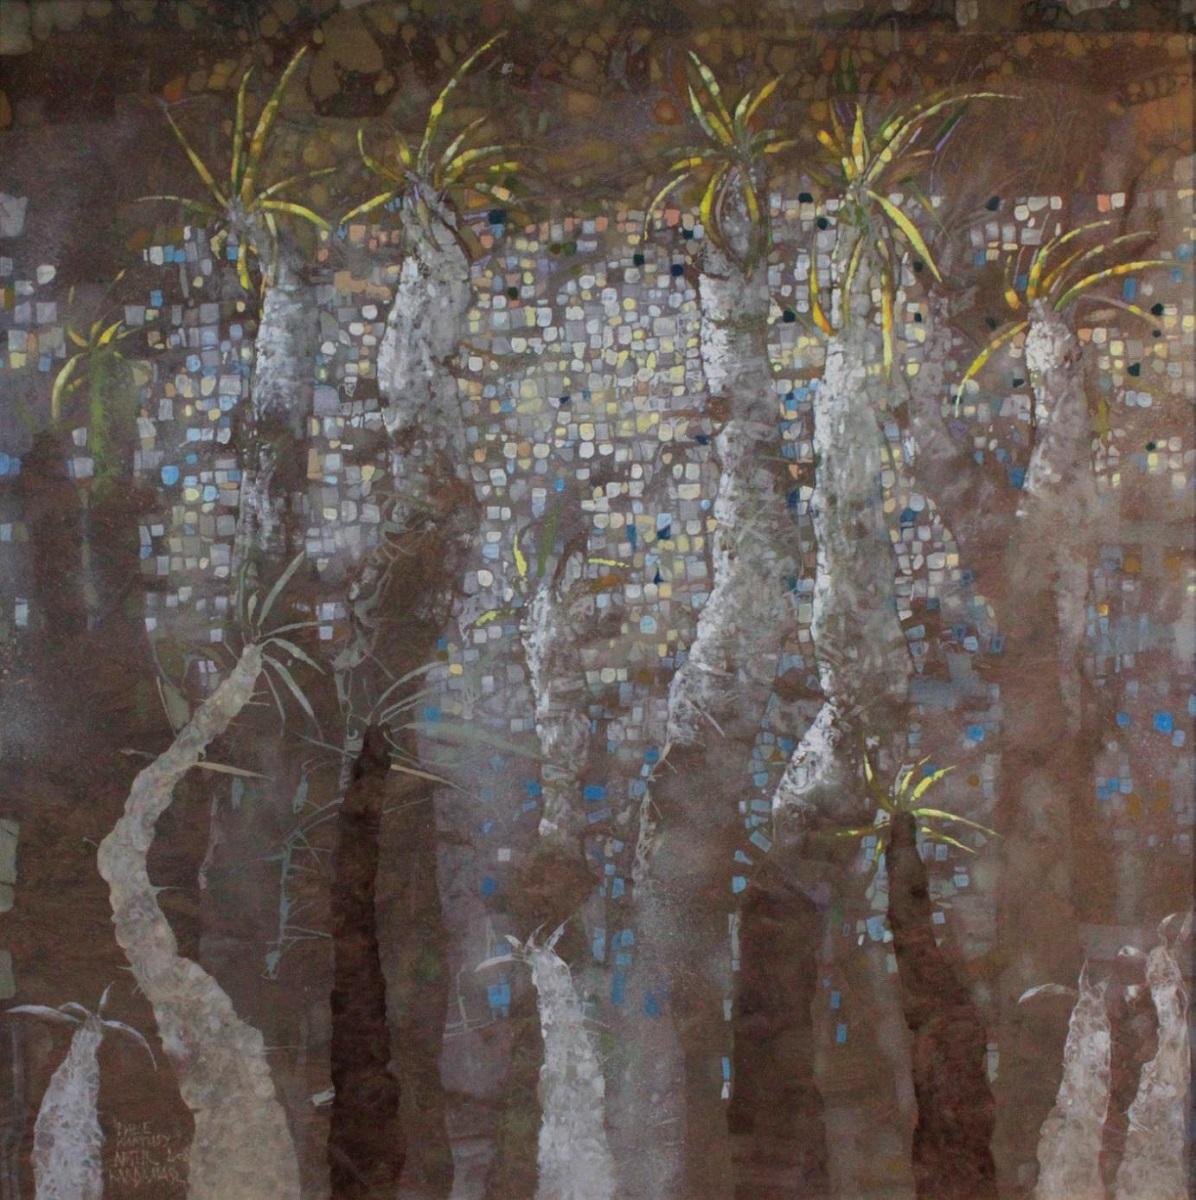 """Artur Kardamasz, """"Białe kaktusy"""", 2008, akryl / płótno, 100 x 100 cm (źródło: materiały prasowe organizatora)"""